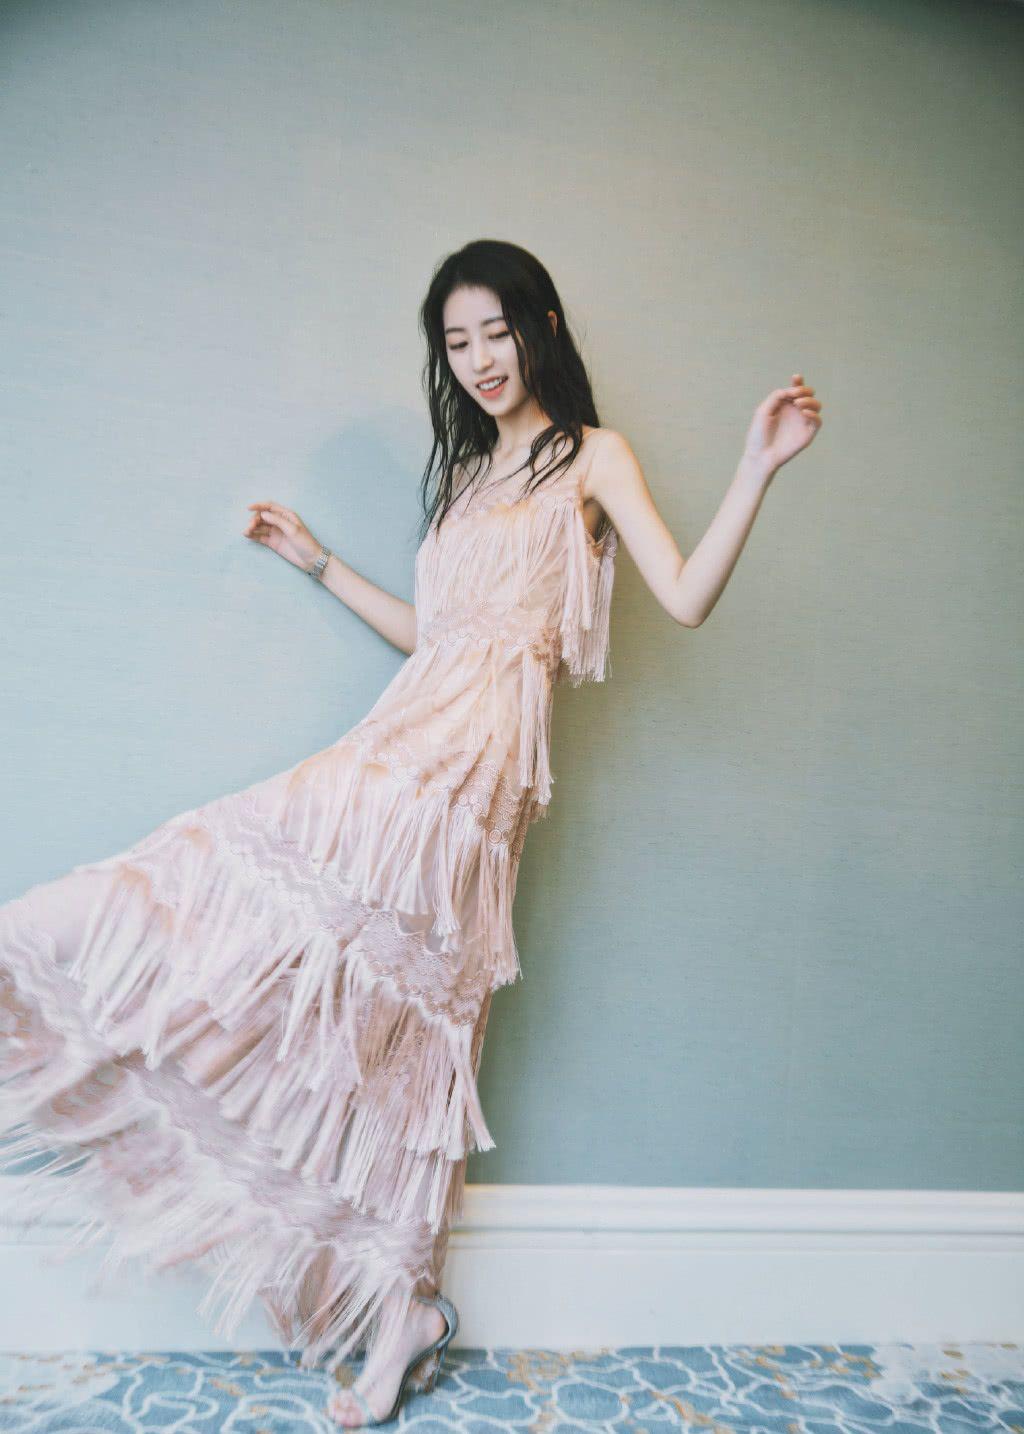 元气女神周雨彤,拥有温柔端庄又知性的气质,真的超美!